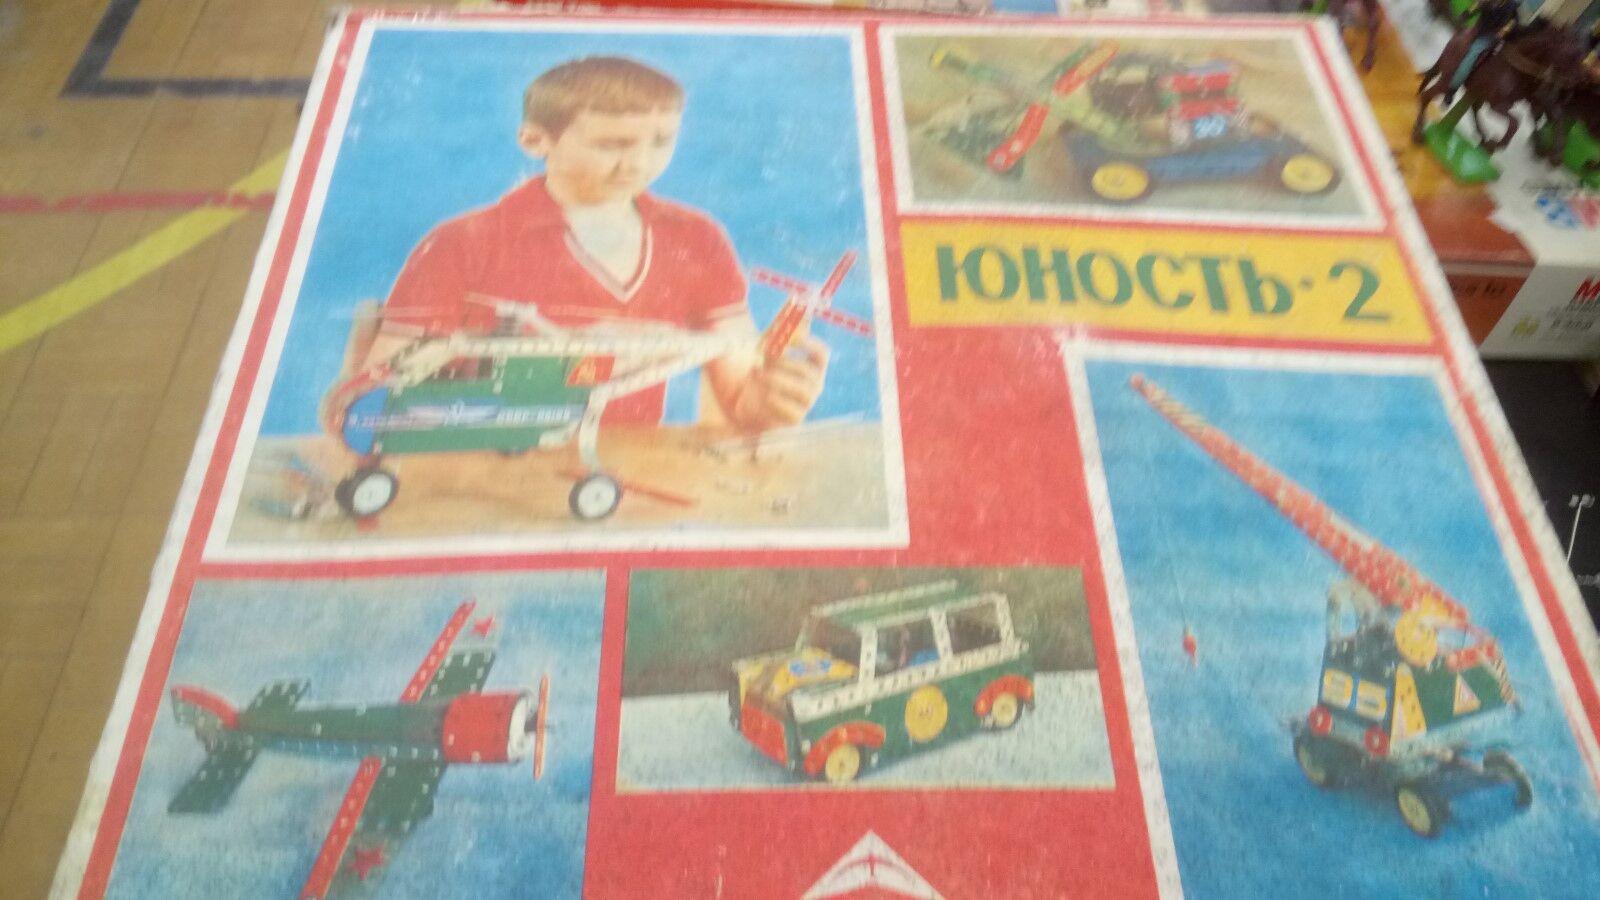 Iohoctb .2 ruso Meccano 28